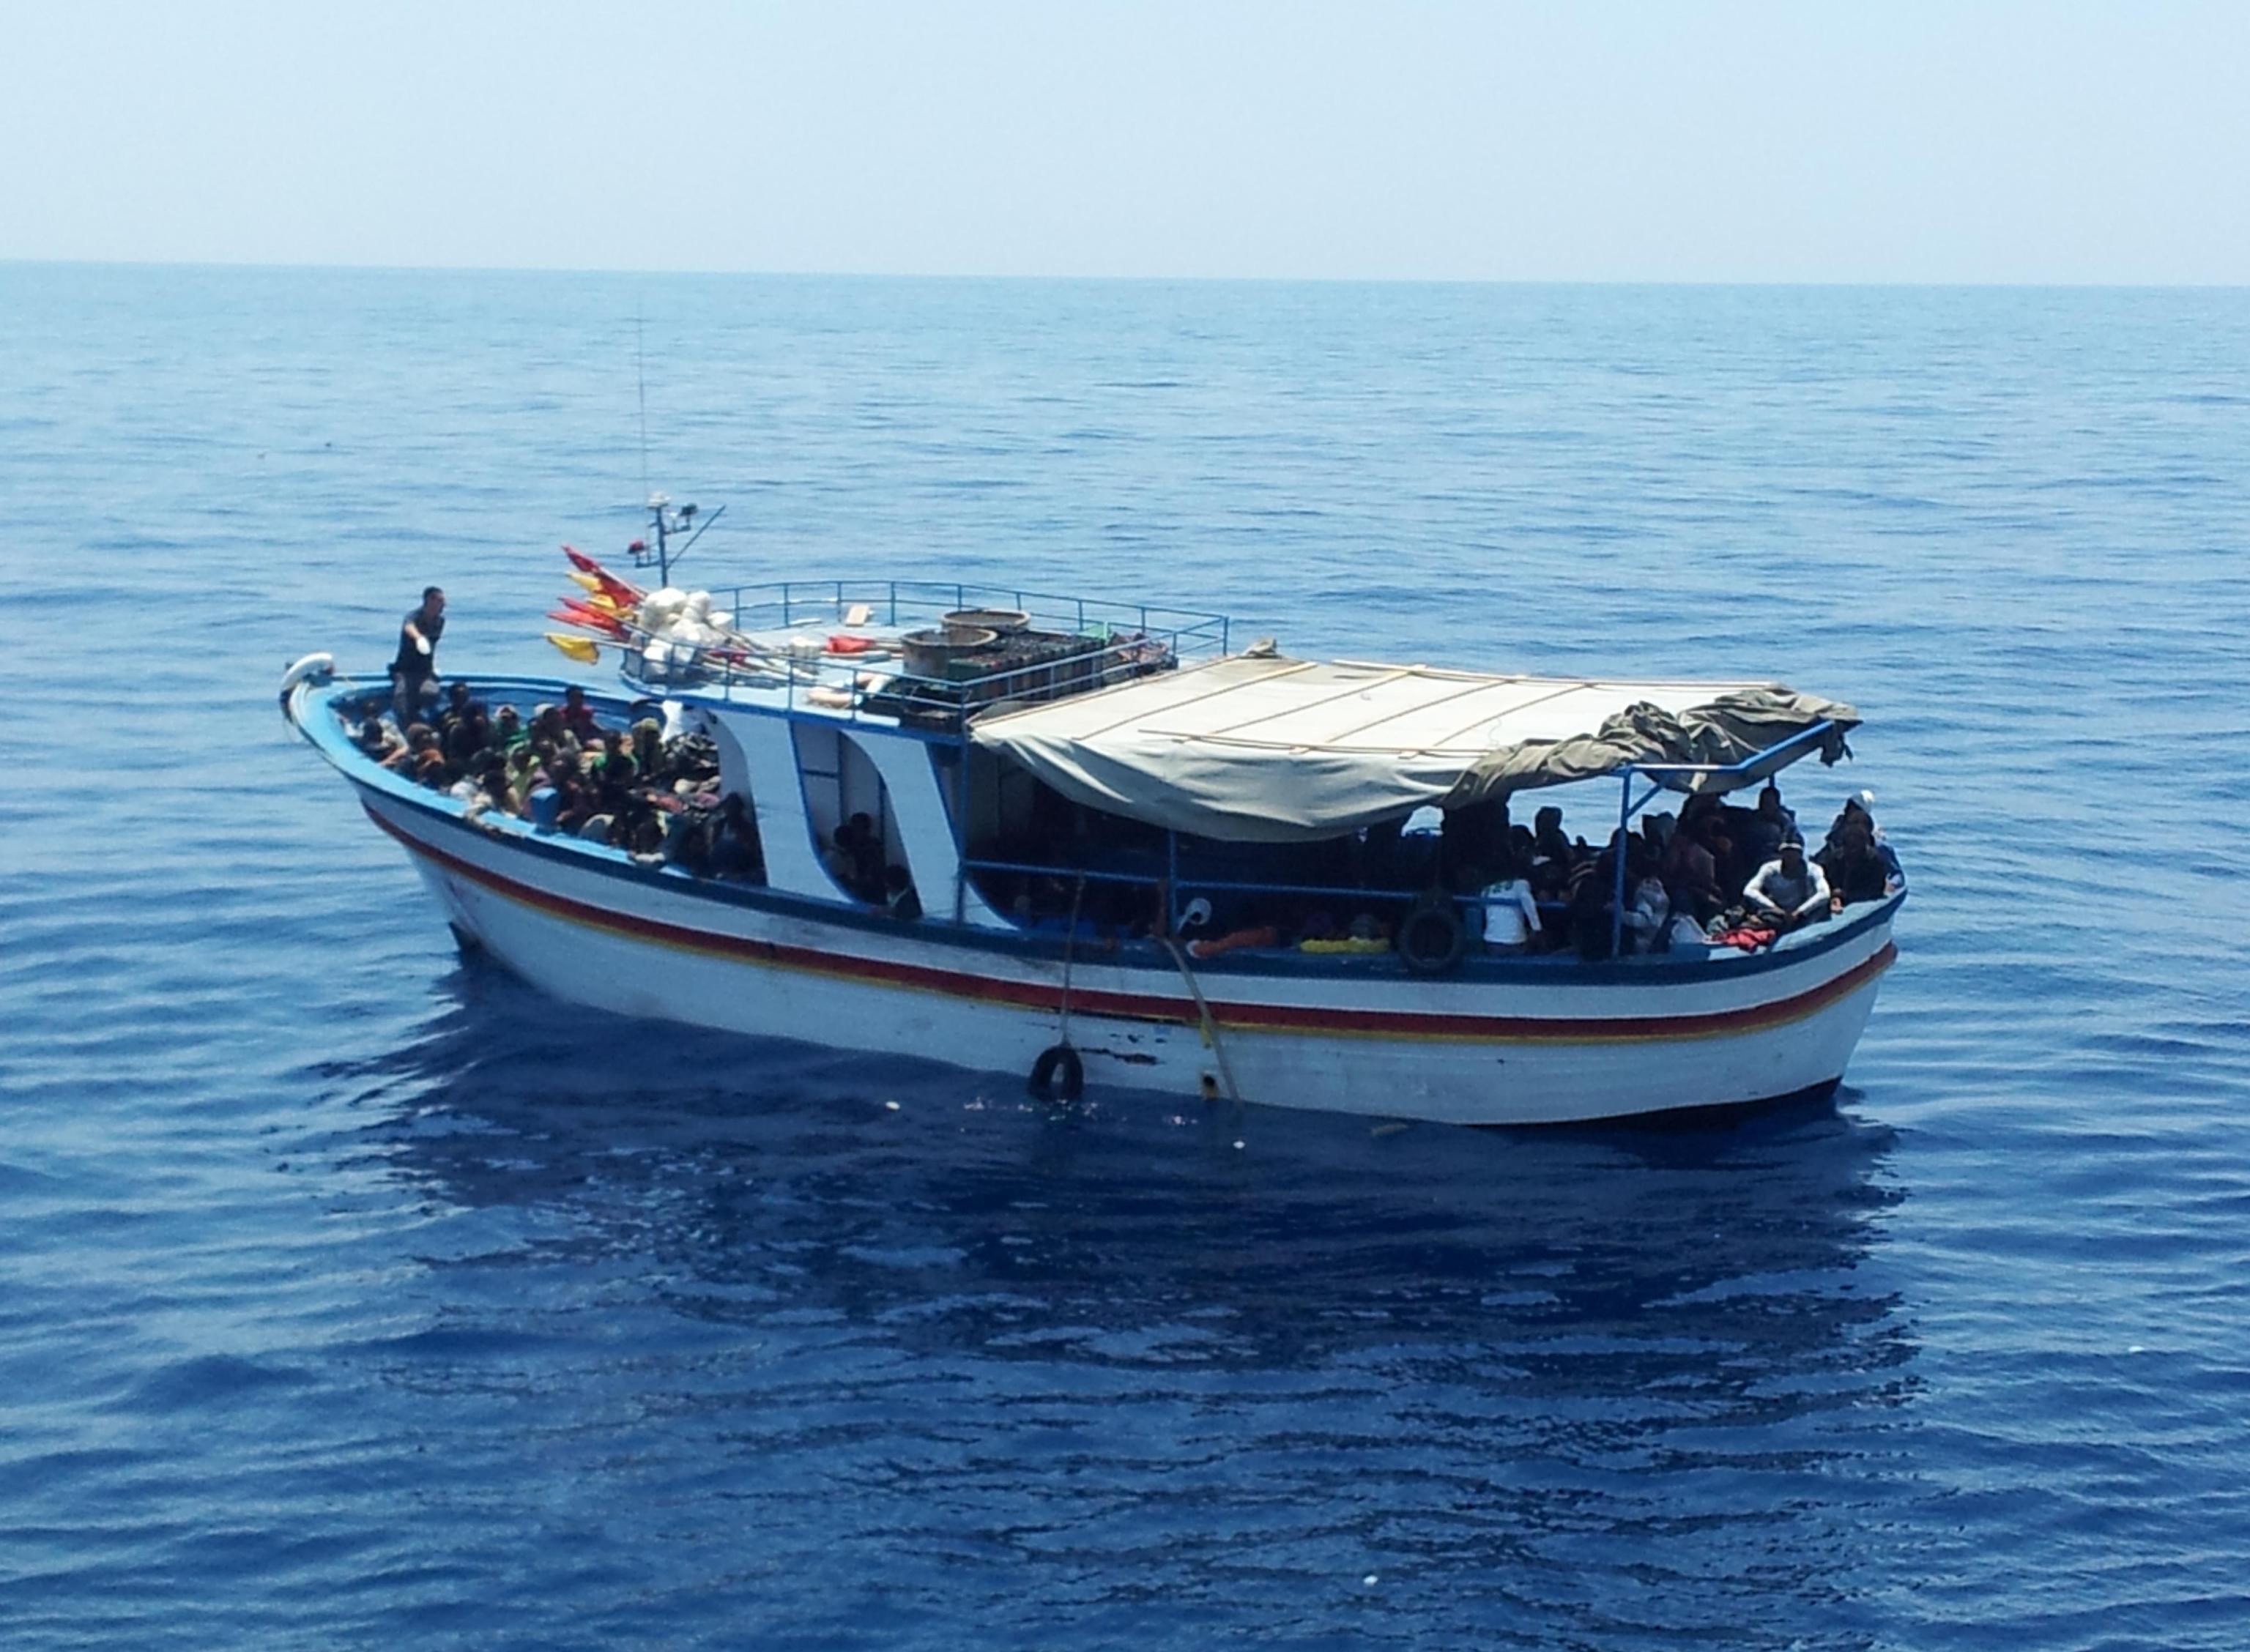 Migranti, naufraga gommone al largo della Libia: recuperati sei cadaveri